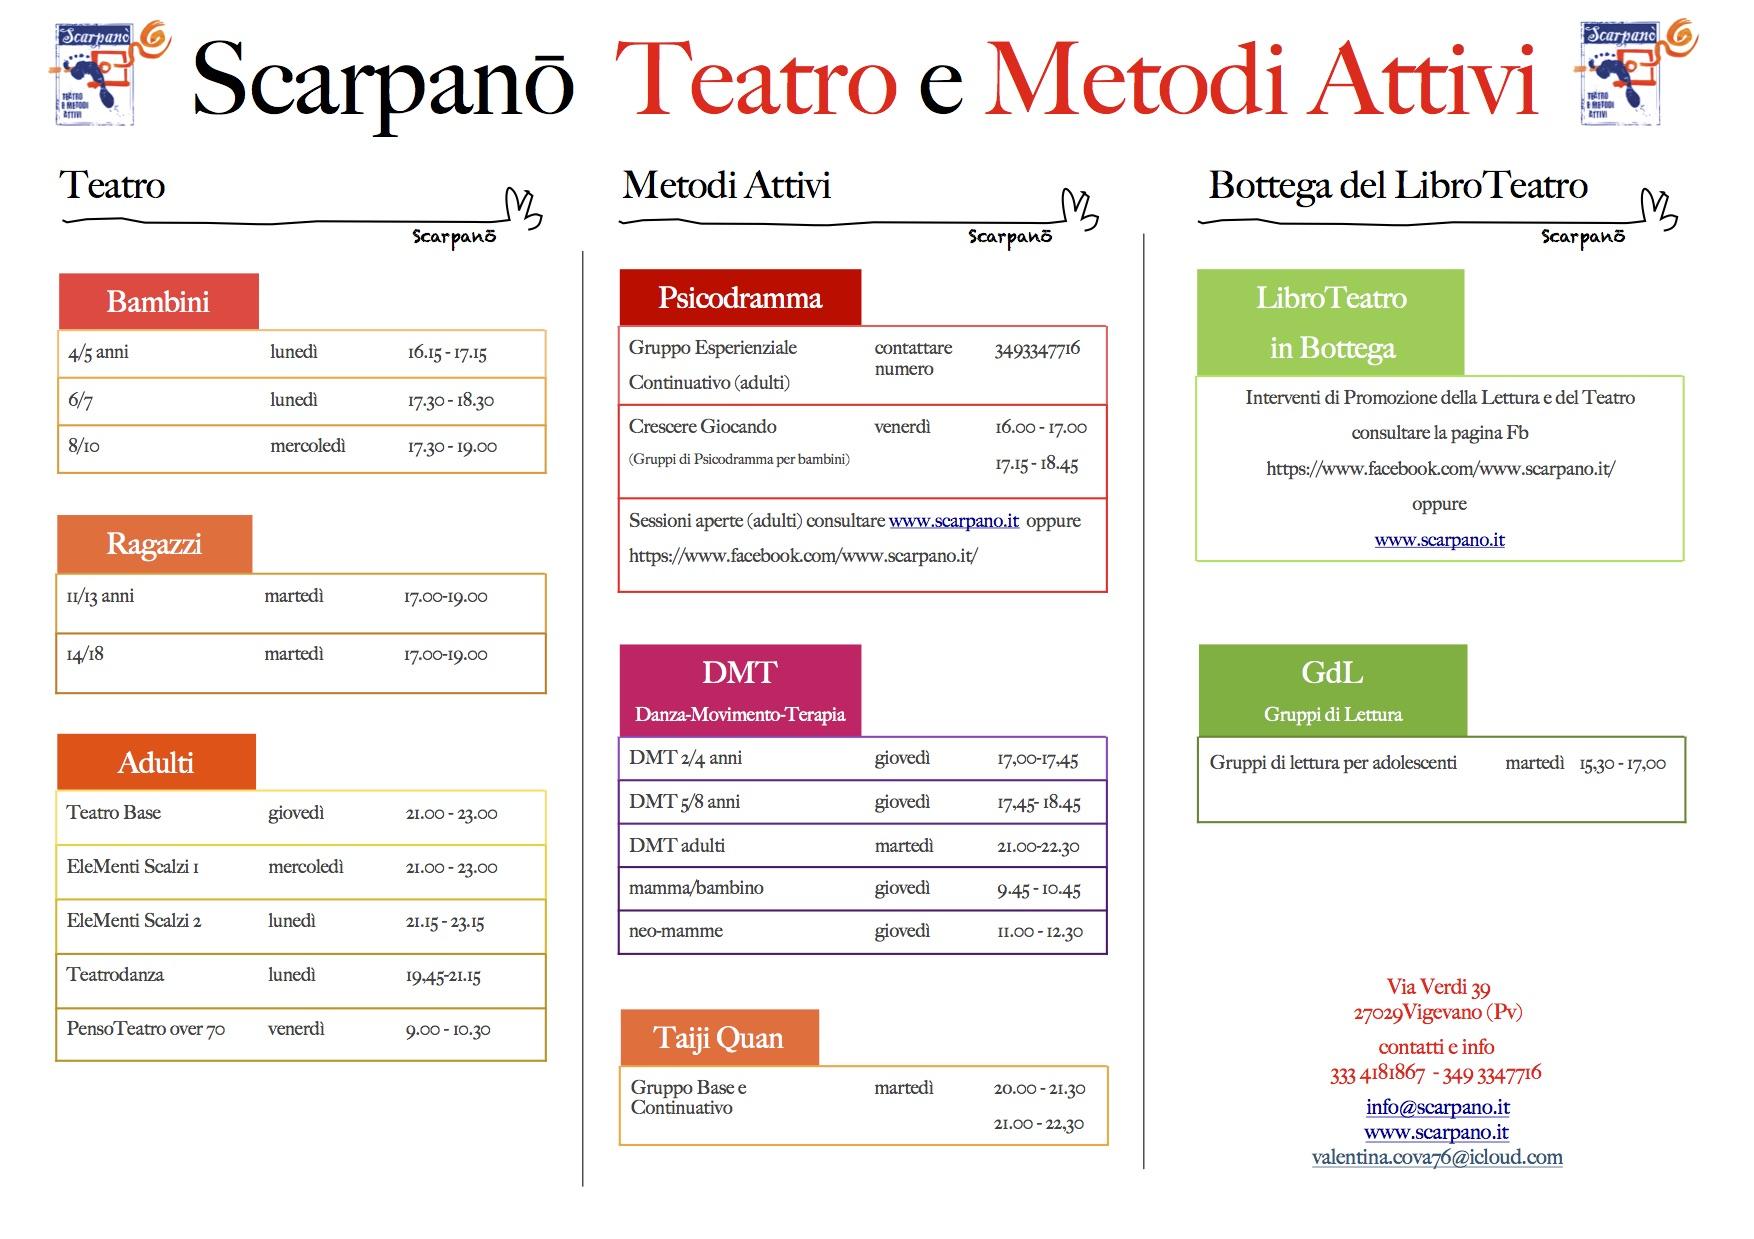 Calendario Attivita.Calendario Attivita Scarpanō 2017 18 Scarpanō Teatro E